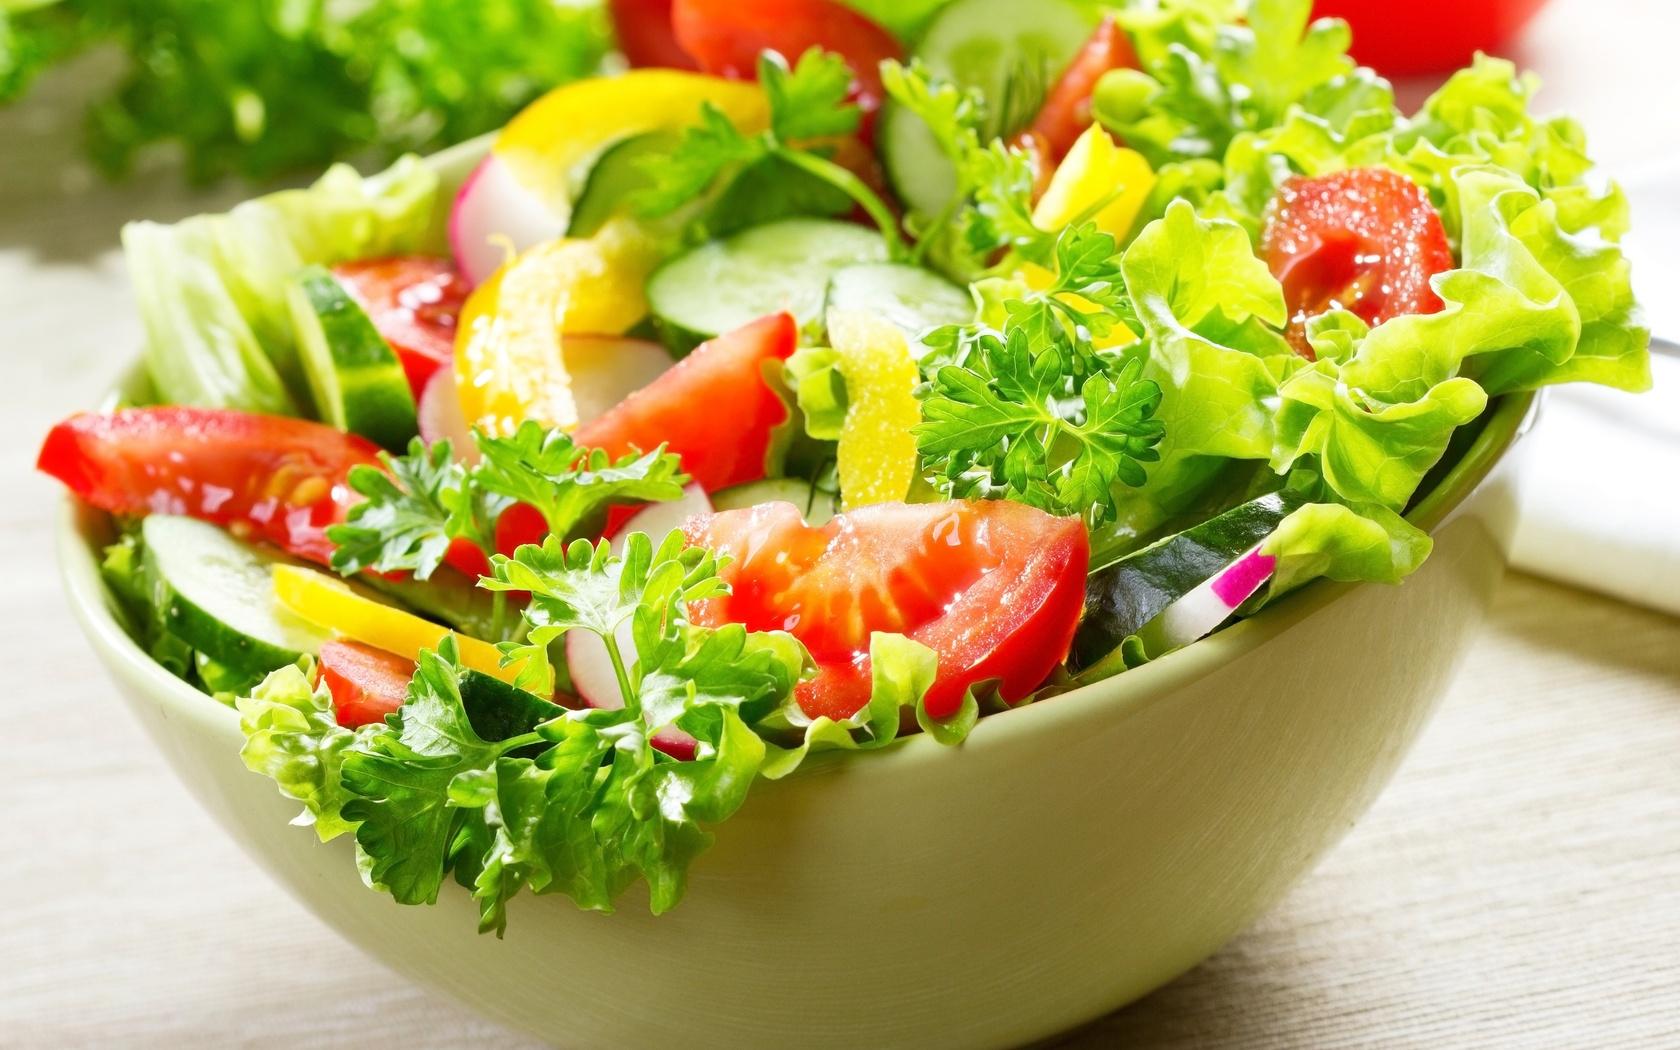 Công thức salad ăn kiêng hiệu quả dành cho hội chị em